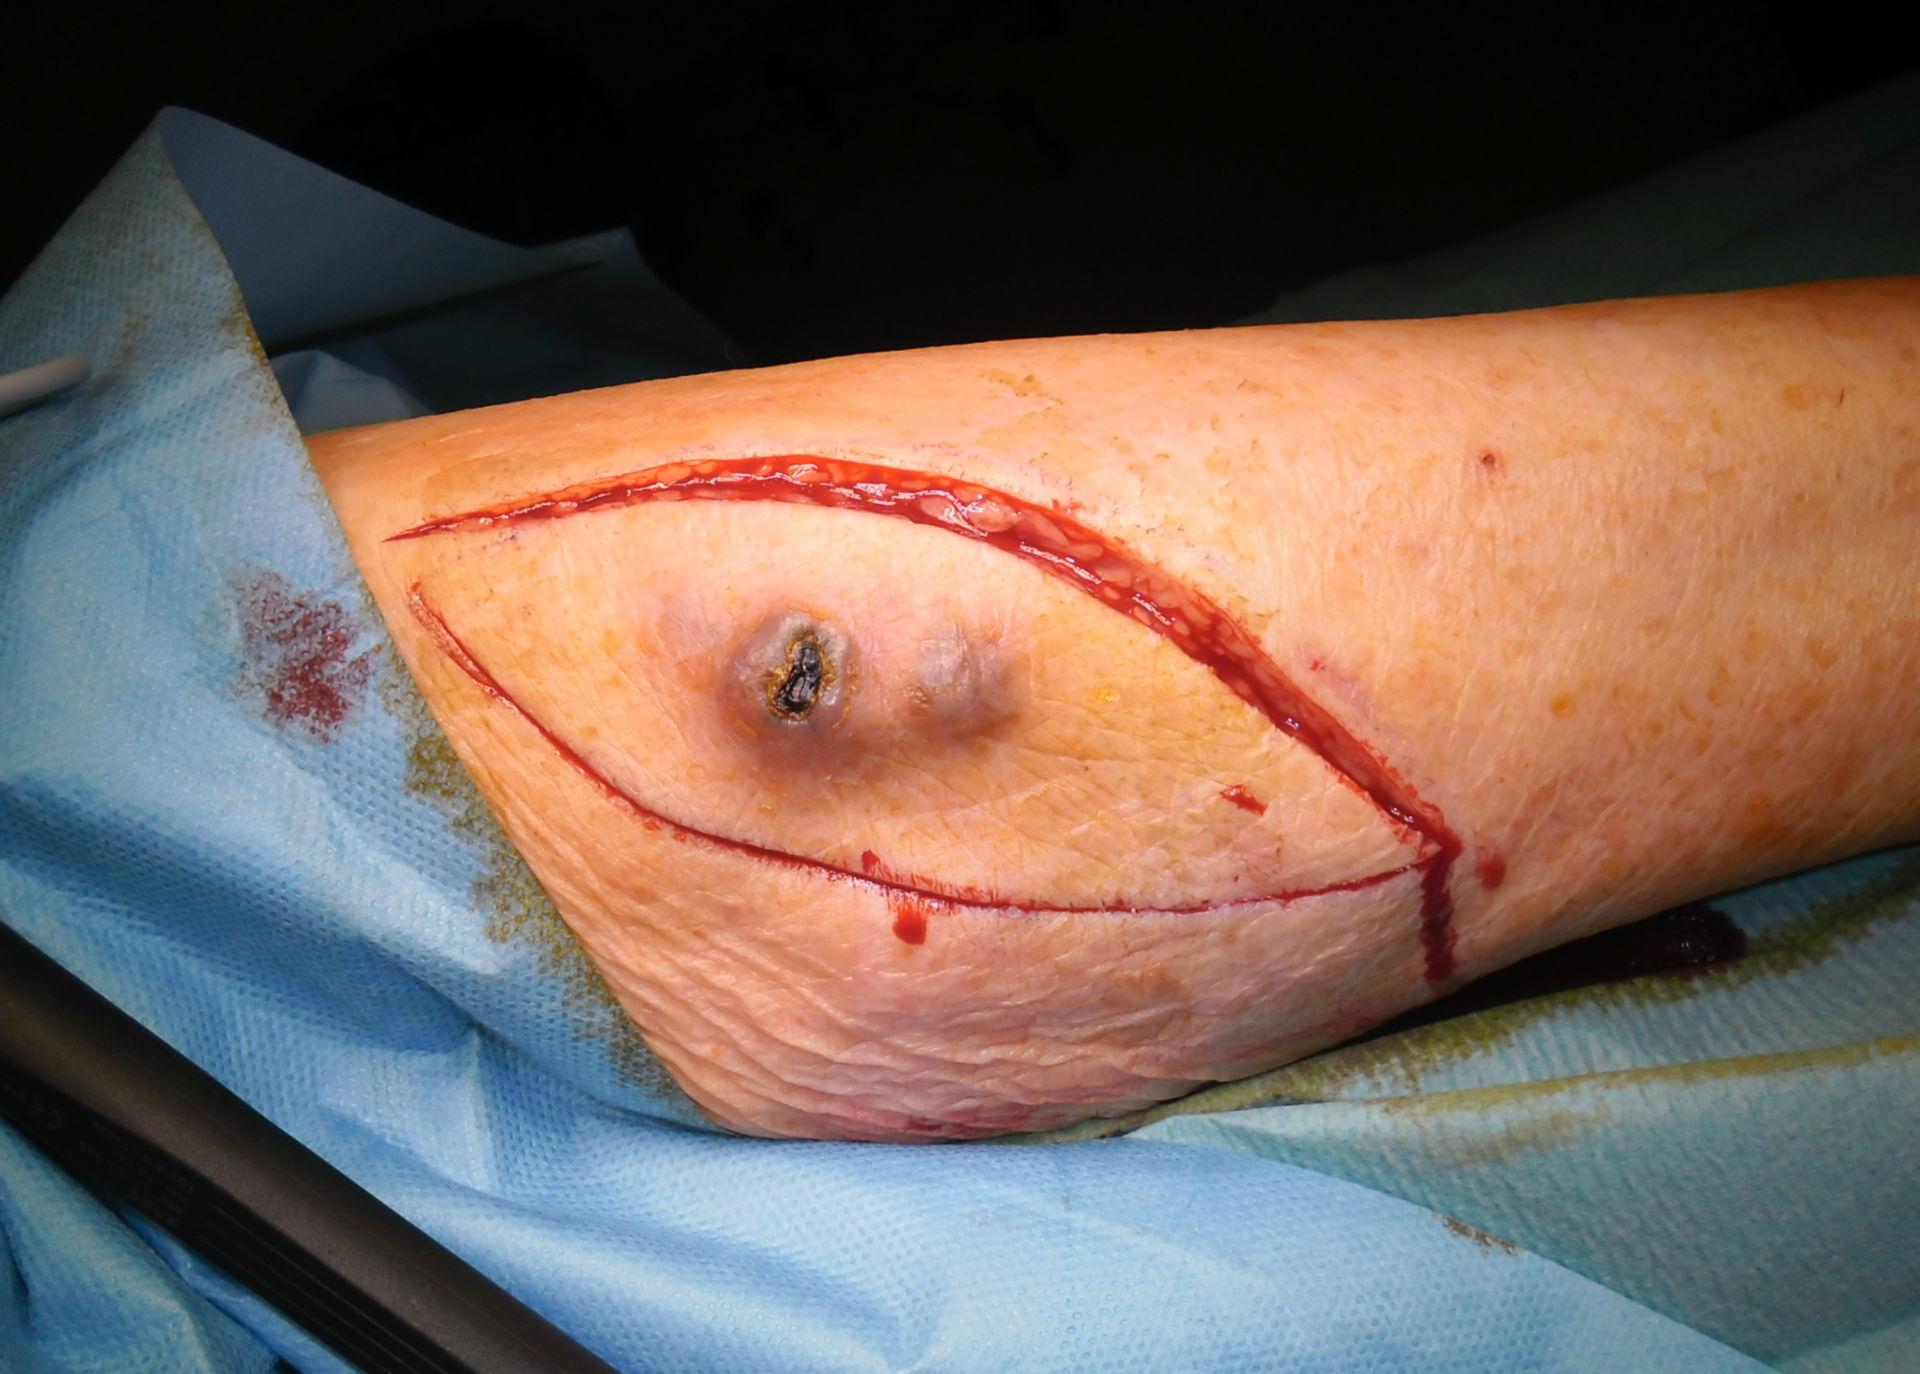 Melanoma - ruta de incisión